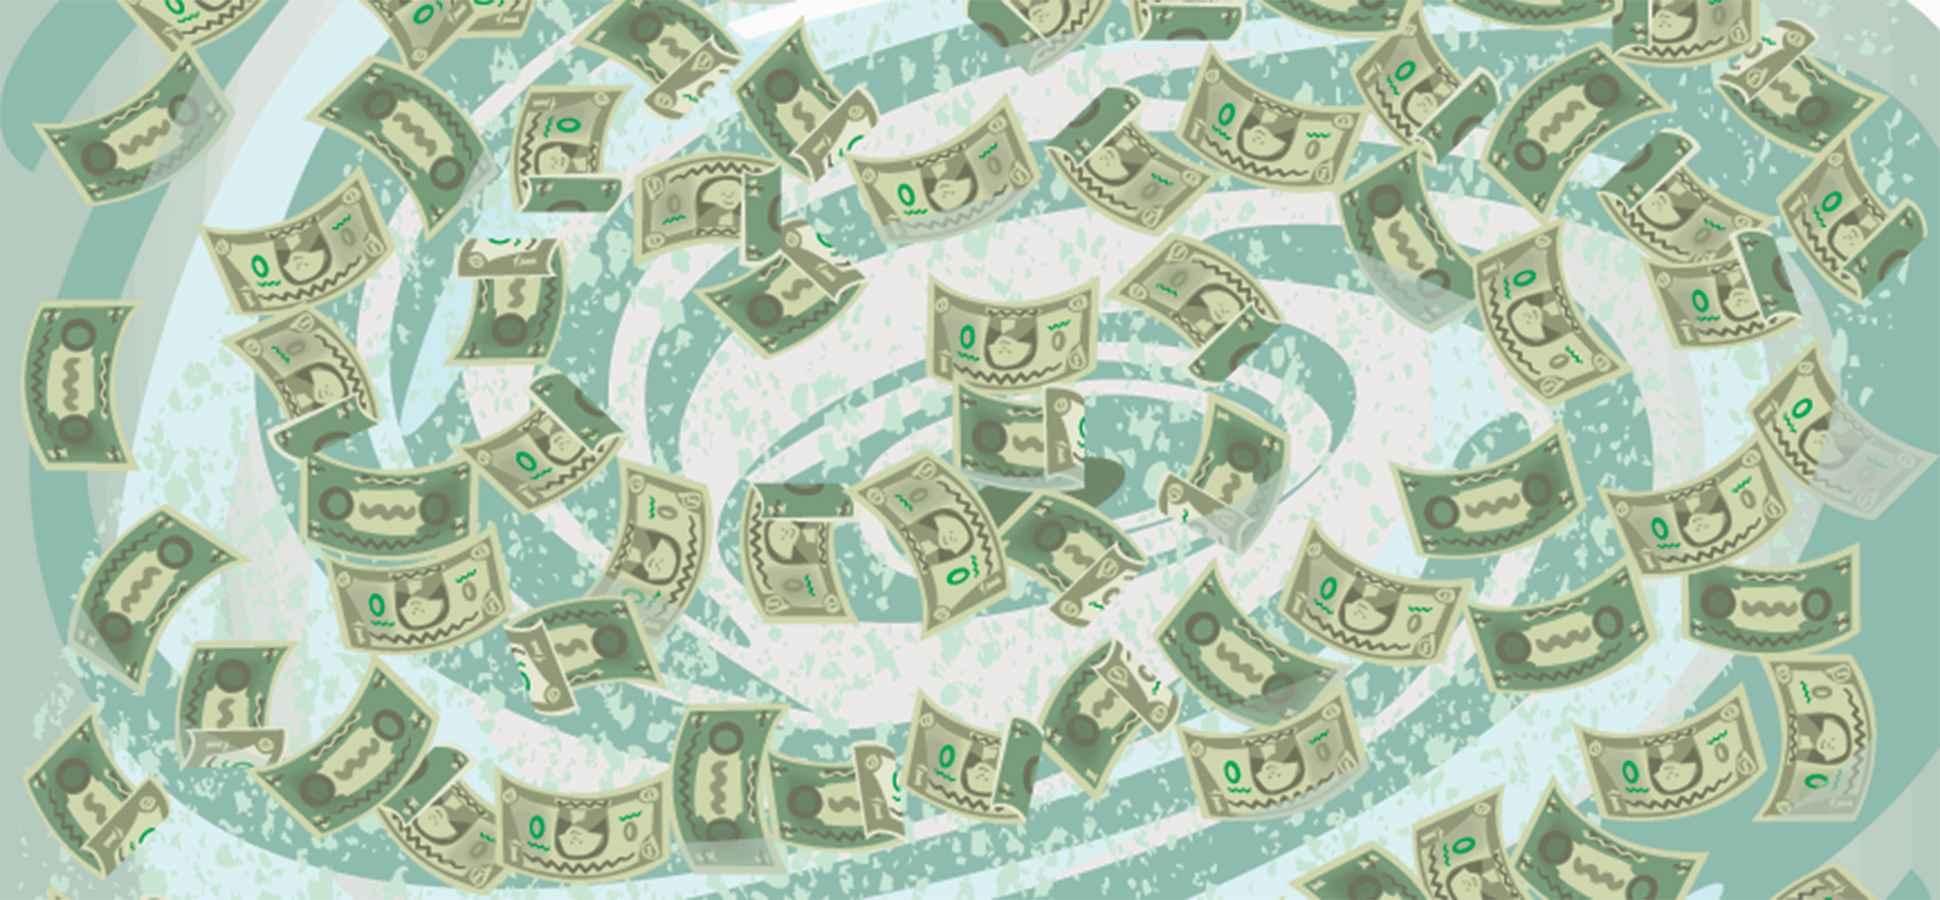 10 Smart Ways to Make Money Fast